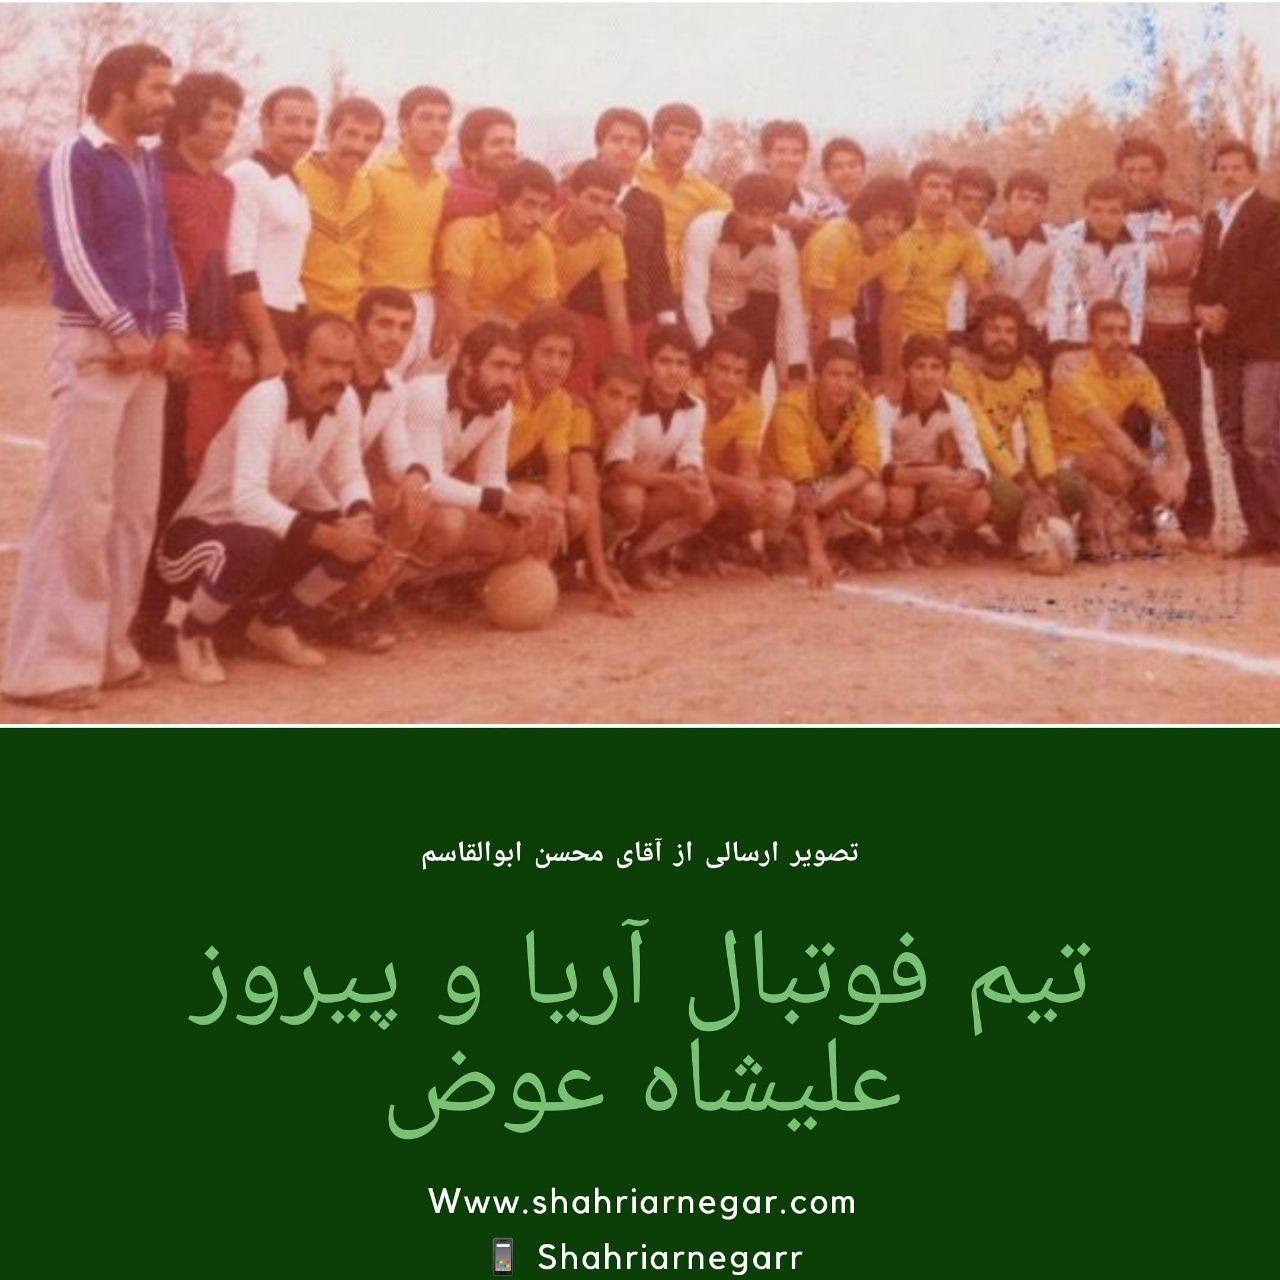 تیم های ورزشی شهریار – گالری عکسهای قدیم شهریار